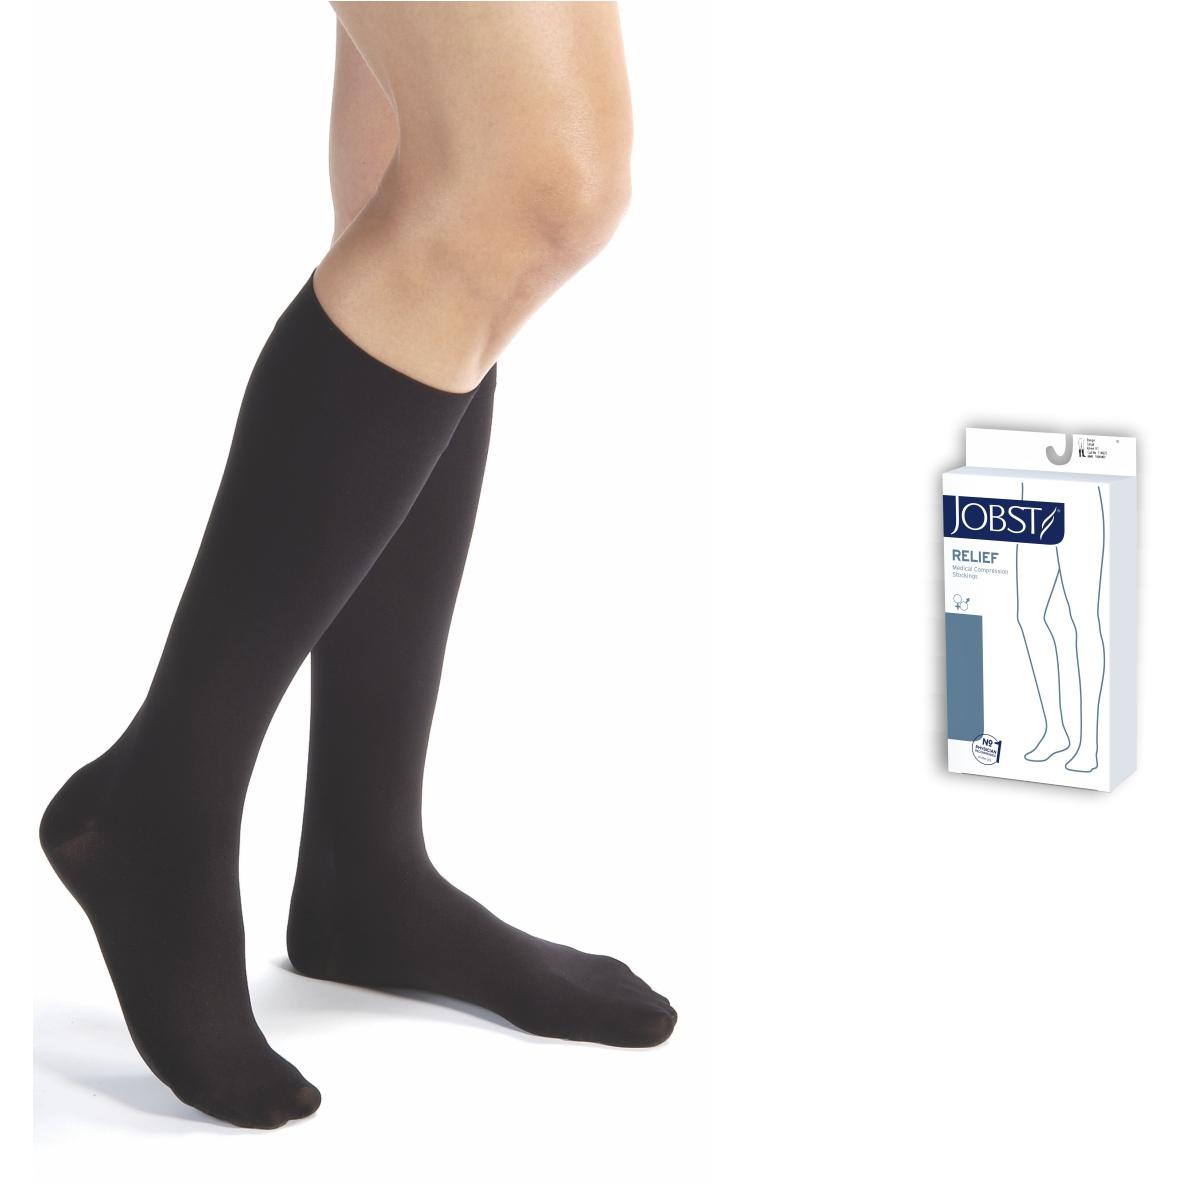 Vớ y khoa gối JOBST Relief - Cơ bản điều hỗ trợ trị giãn tĩnh mạch chân